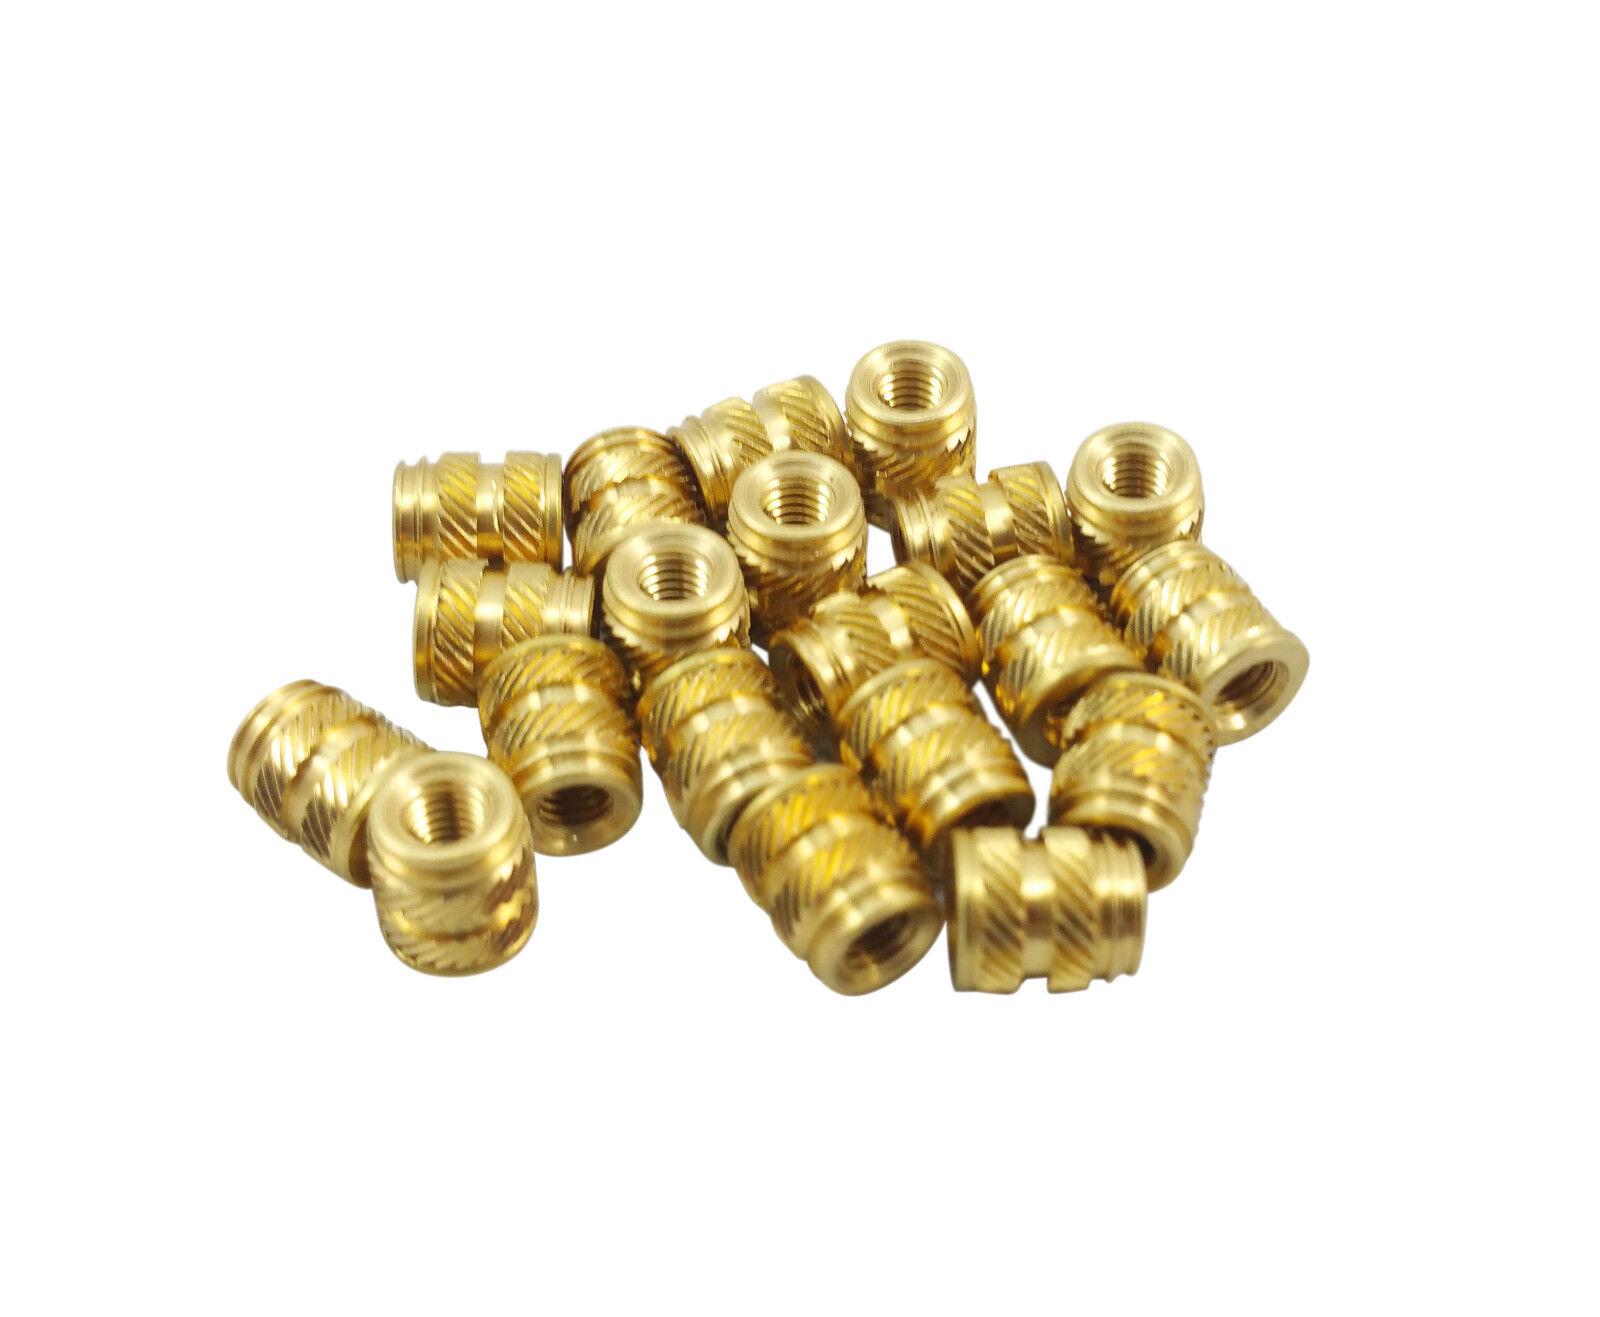 3D Printing Qty 100 M3 3mm M3-0.5 Brass Threaded Metal Heat Set Screw Inserts